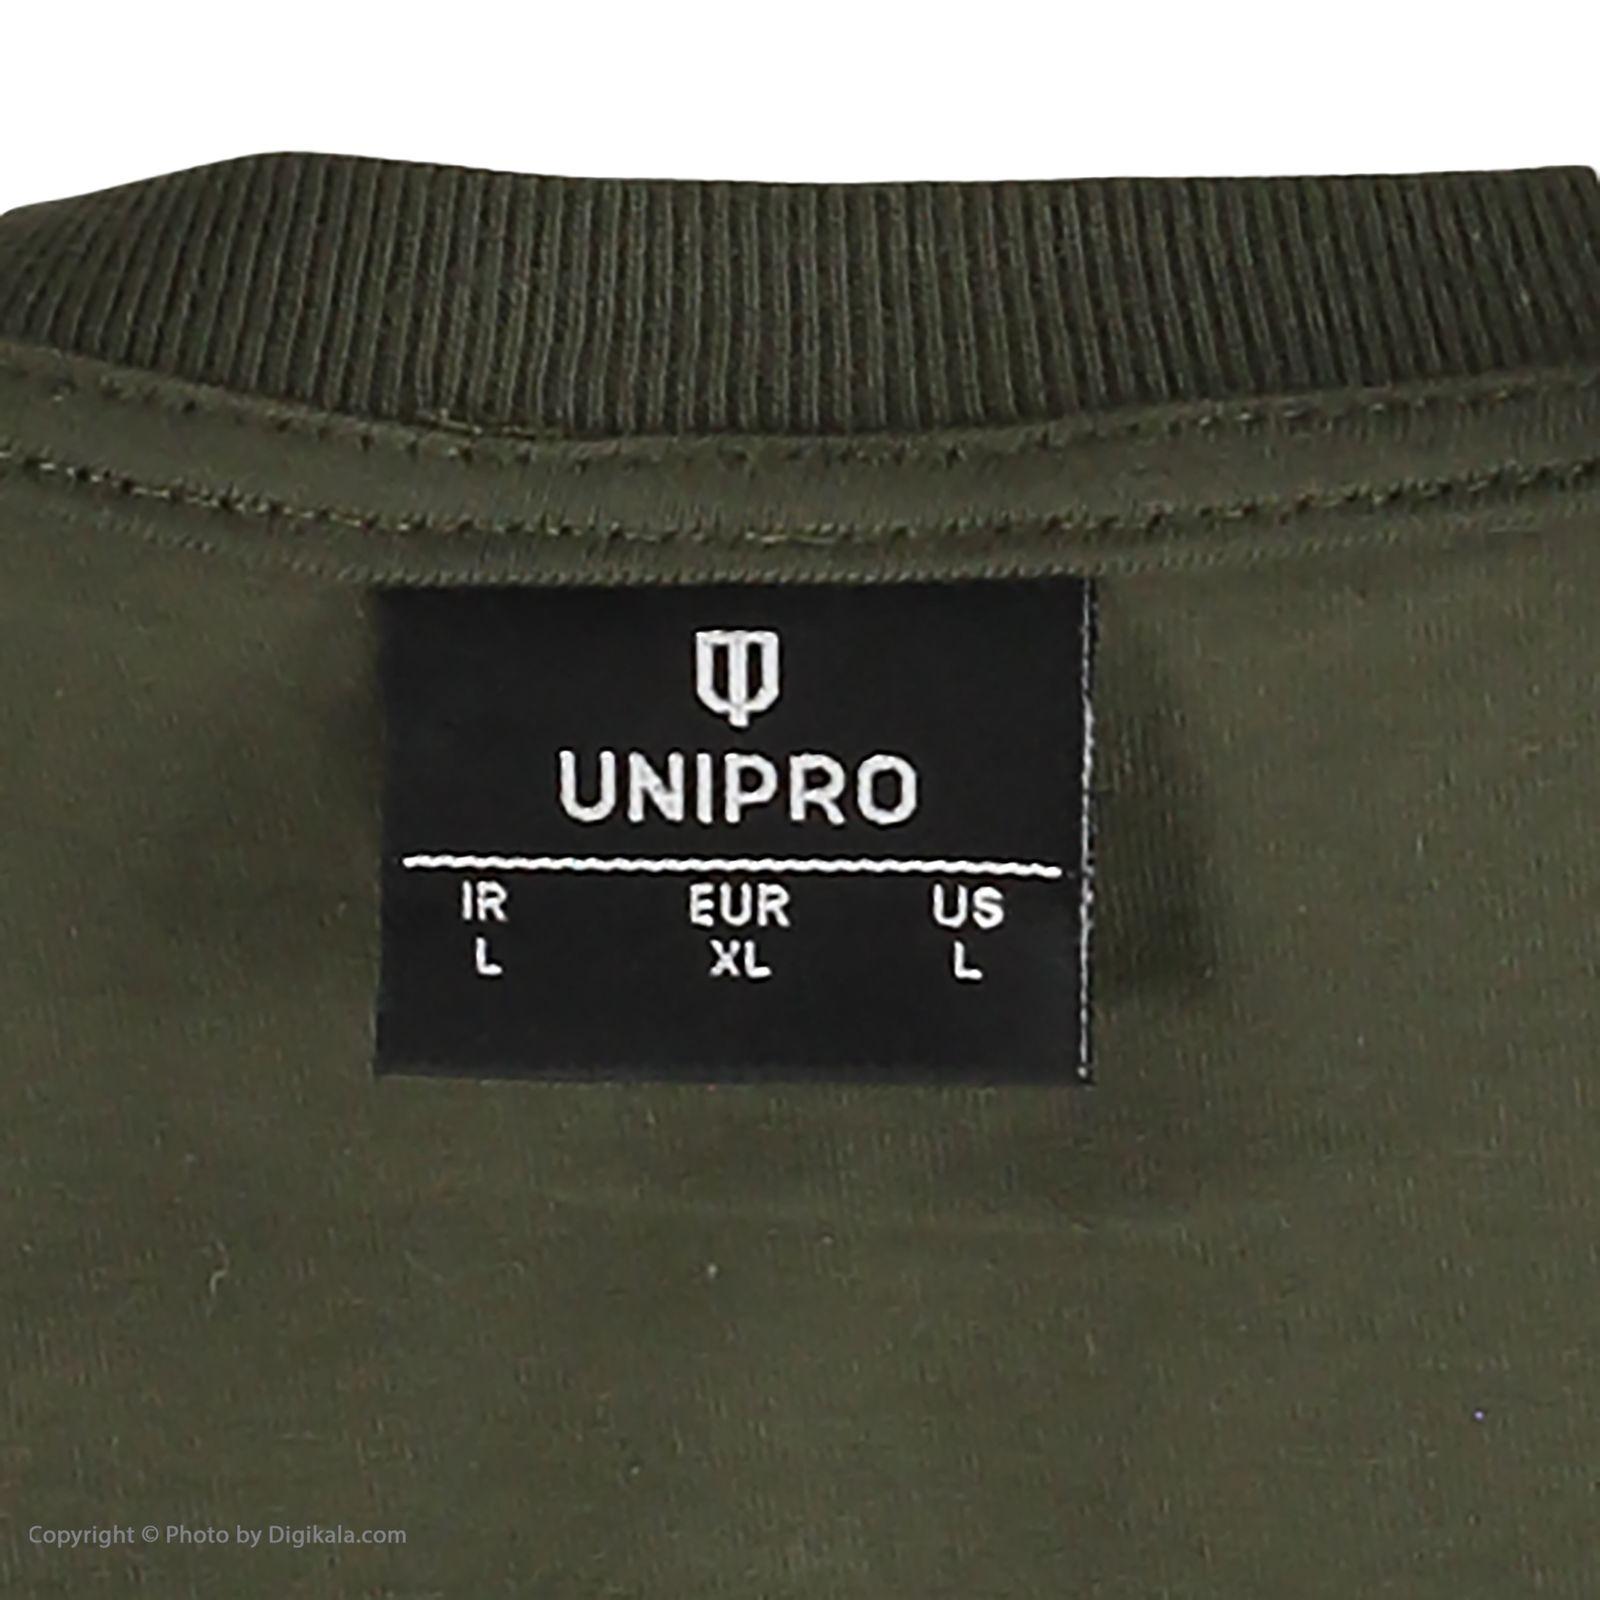 تی شرت ورزشی مردانه یونی پرو مدل 914119313-60 -  - 6